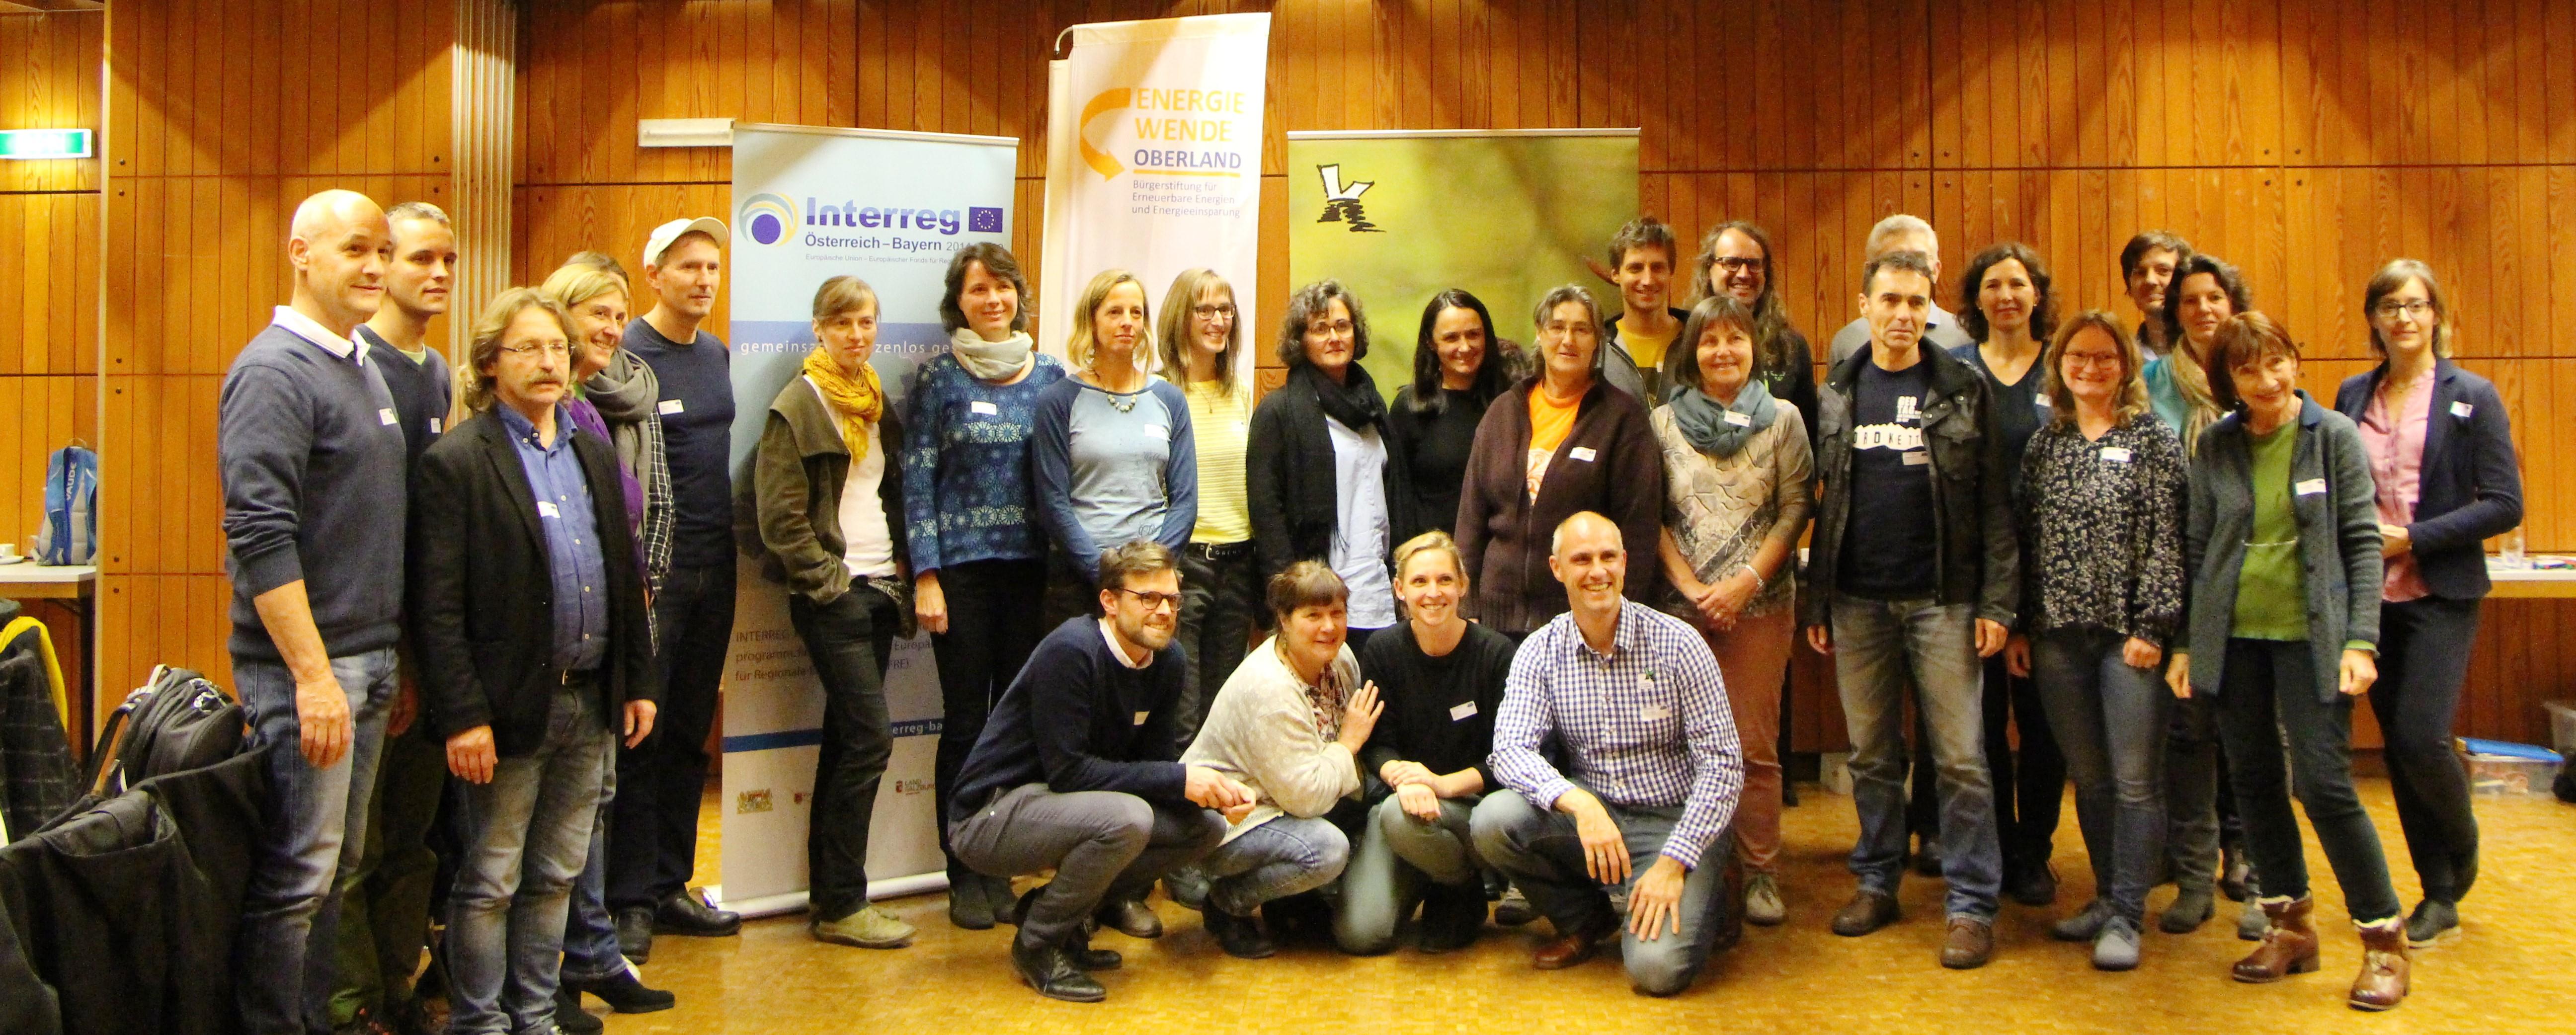 KlimaPädagoge startet mit grenzüberschreitendem Workshop